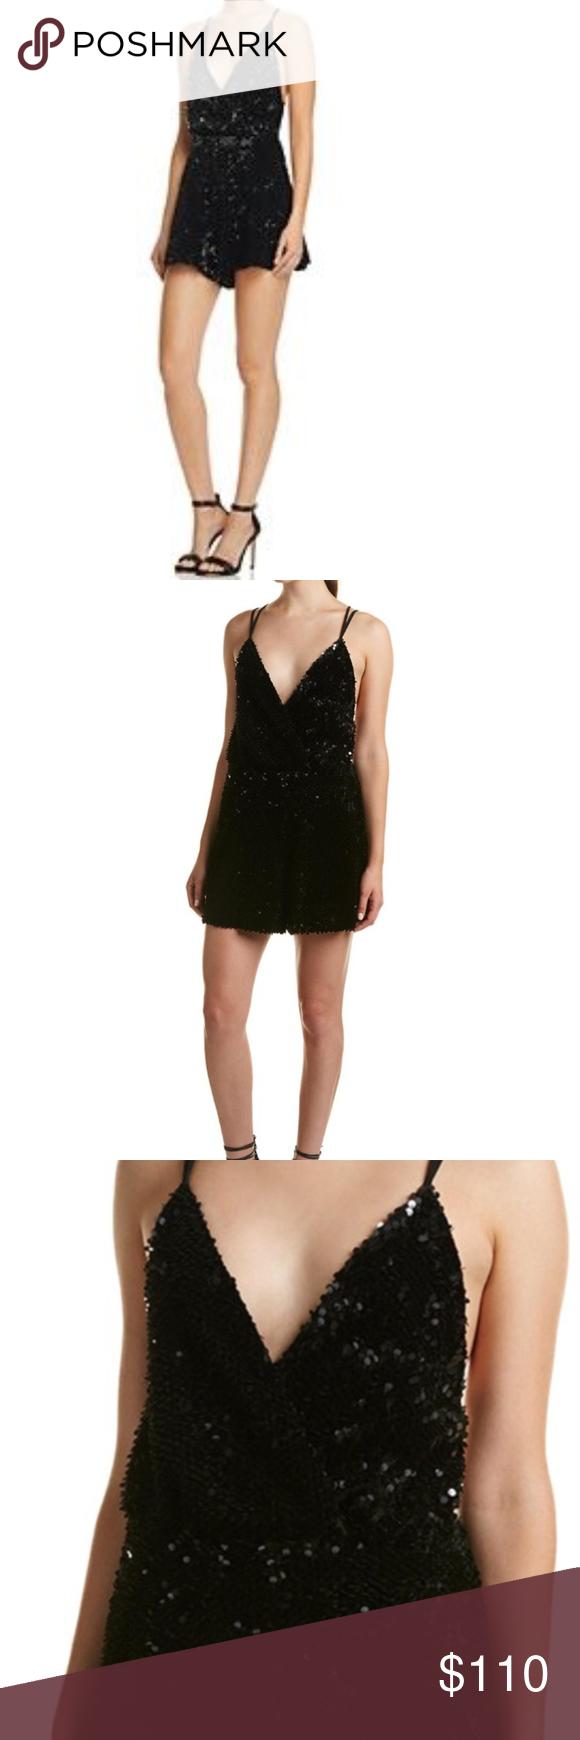 M boutique lace dress  NWT Kendall  Kylie Velvet Sequin Romper M Boutique  My Posh Picks